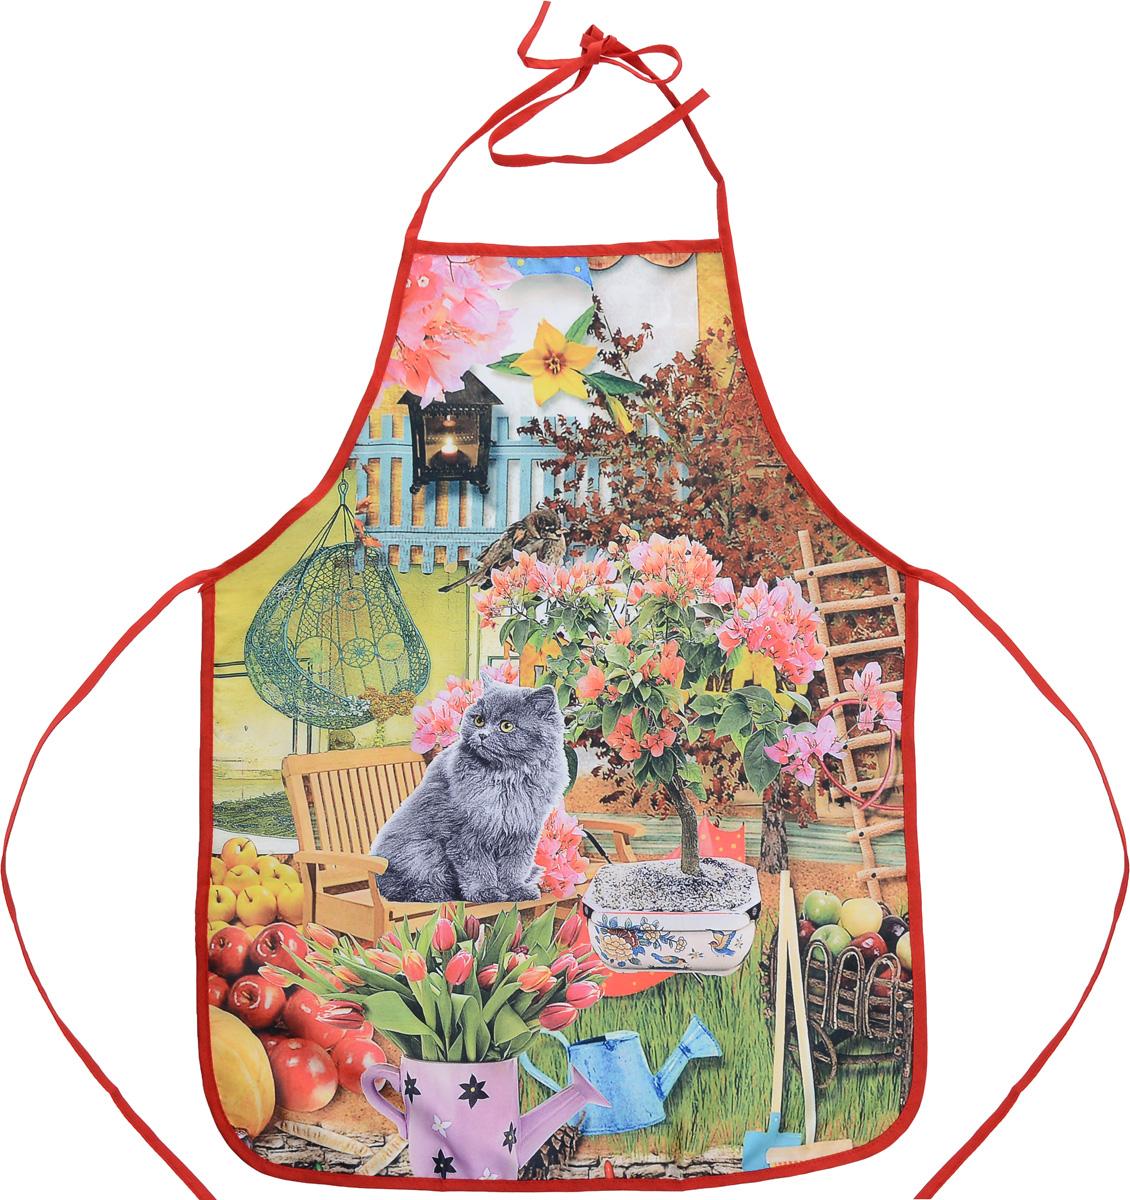 Фартук Bonita Котофей, 55 х 73 см1101211745Фартук Bonita Котофей изготовлен из прочного полиэстера и декорирован красивым изображением кота в саду, которое понравится любой хозяйке. Фартук оснащен завязками. Имеет универсальный размер. Такой фартук поможет вам избежать попадания еды на одежду во время приготовления пищи. Кухня - это сердце дома, где вся семья собирается вместе. Она бережно хранит и поддерживает жизнь домашнего очага, который нас согревает. Именно поэтому так важно создать здесь атмосферу, которая не только возбудит аппетит, но и наполнит жизненной энергией. С текстилем Bonita открывается возможность не только каждый день дарить кухне новый облик, но и создавать настоящие кулинарные шедевры. Bonita станет незаменимым помощником и идейным вдохновителем, создающим вкусное настроение на вашей кухне.